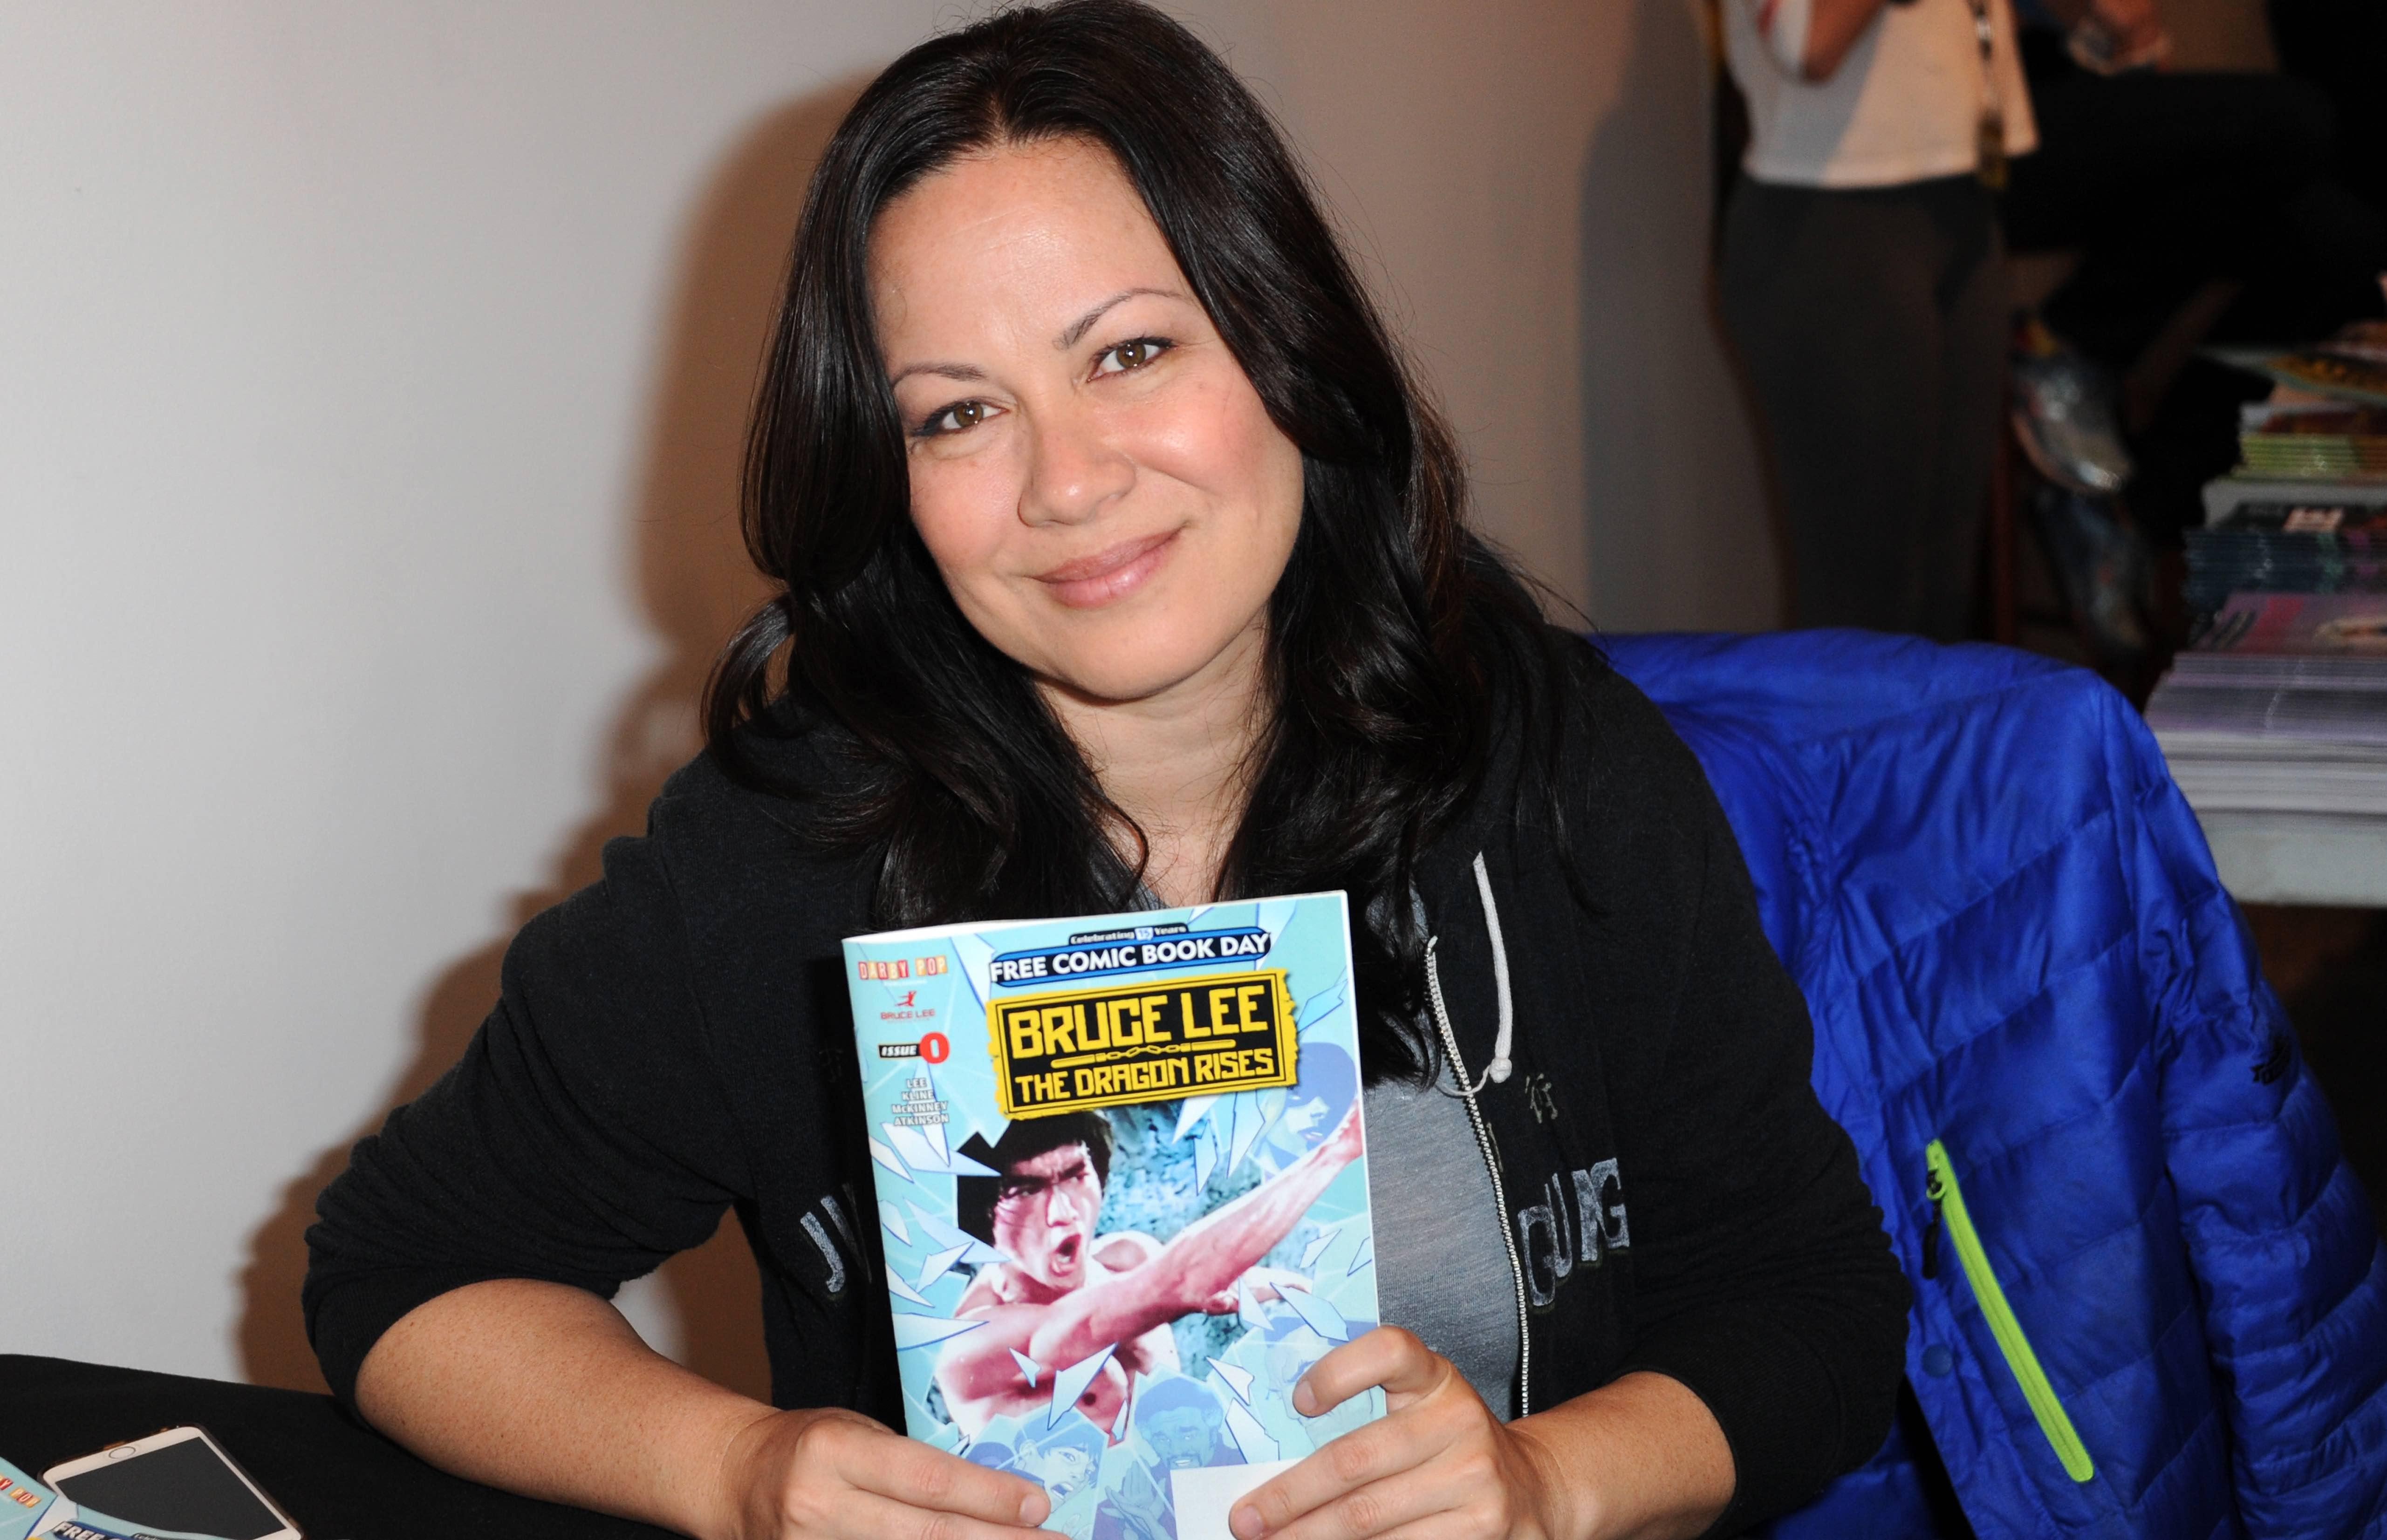 Shannon Lee mit einem Comic über ihren berühmten Vater Bruce Lee